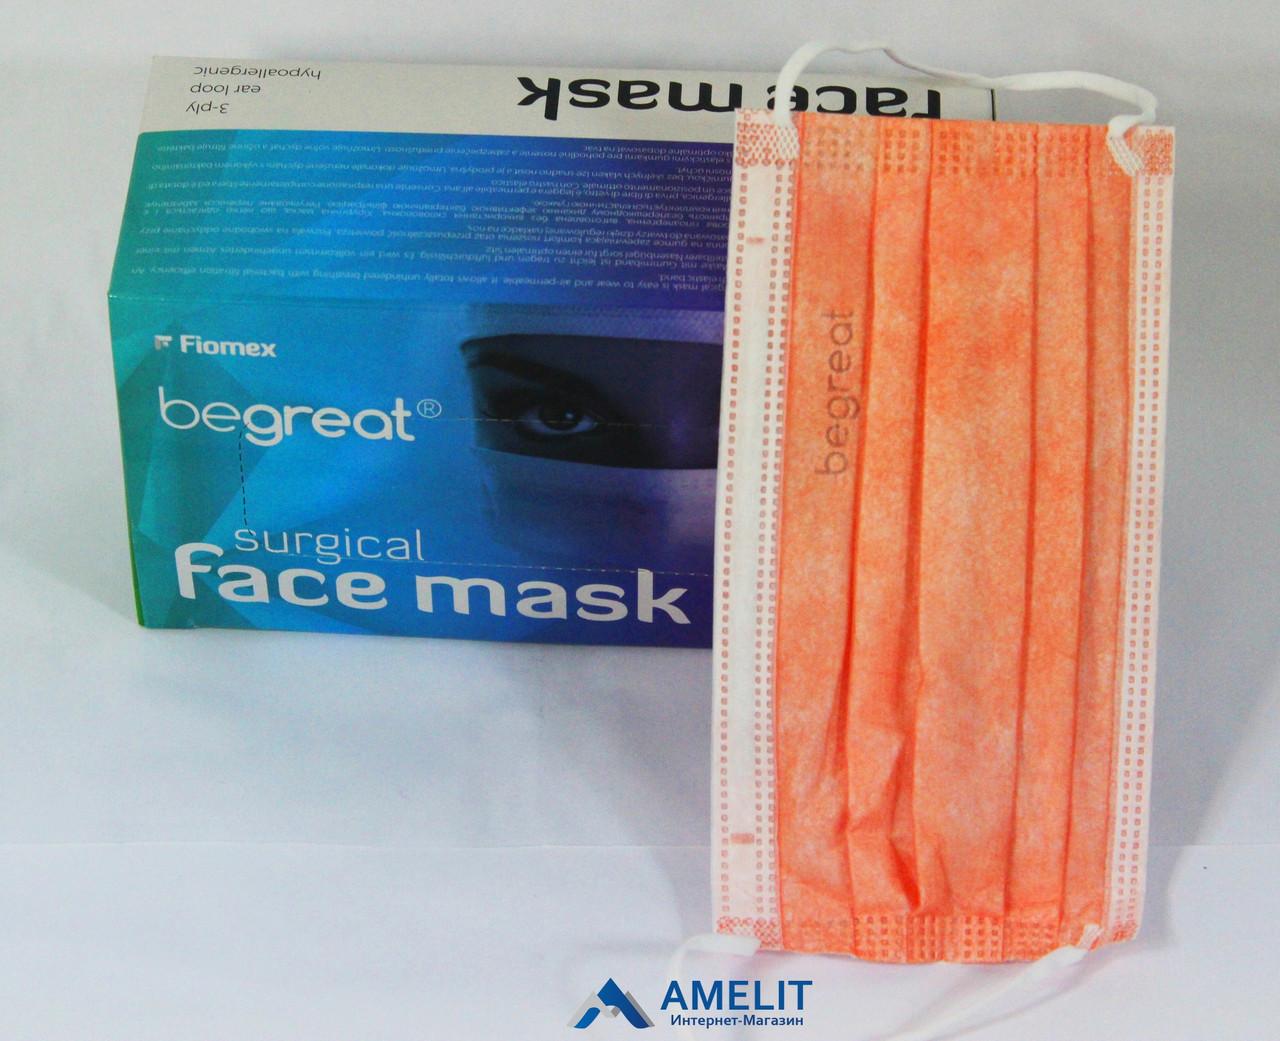 Маски трехслойные на резинках, медицинскиеBegreat(Fiomex), оранжевые, 50шт./упак.